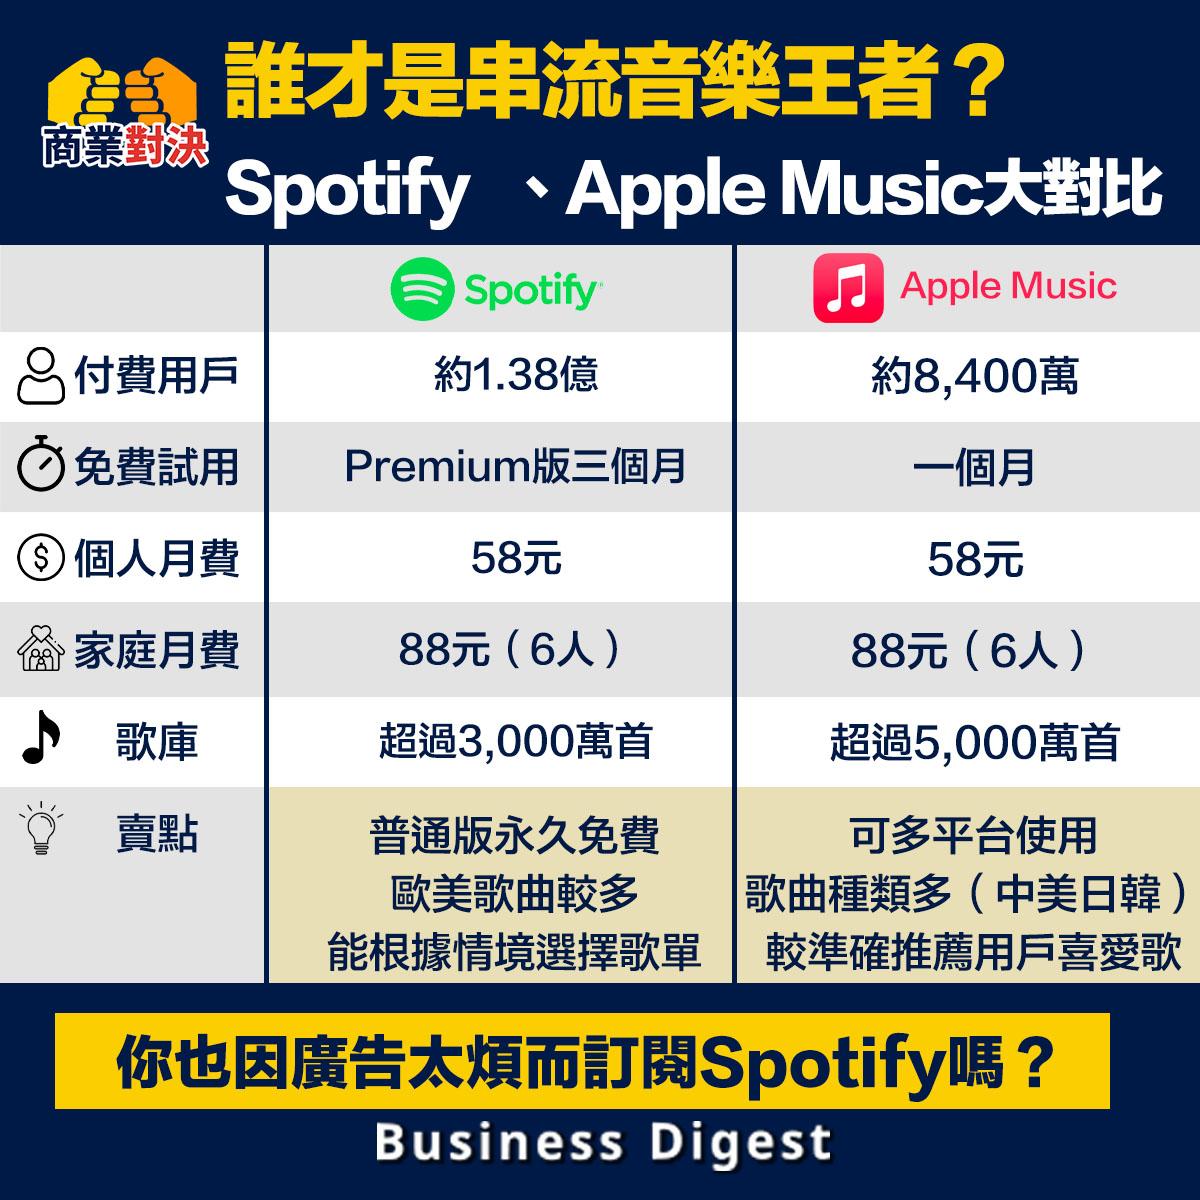 疫情下線上娛樂成為潮流,串流音樂平台更是快速發展。那麼誰才是串流音樂平台的王者?這裡將會為你具體對比Spotify和Apple Music。